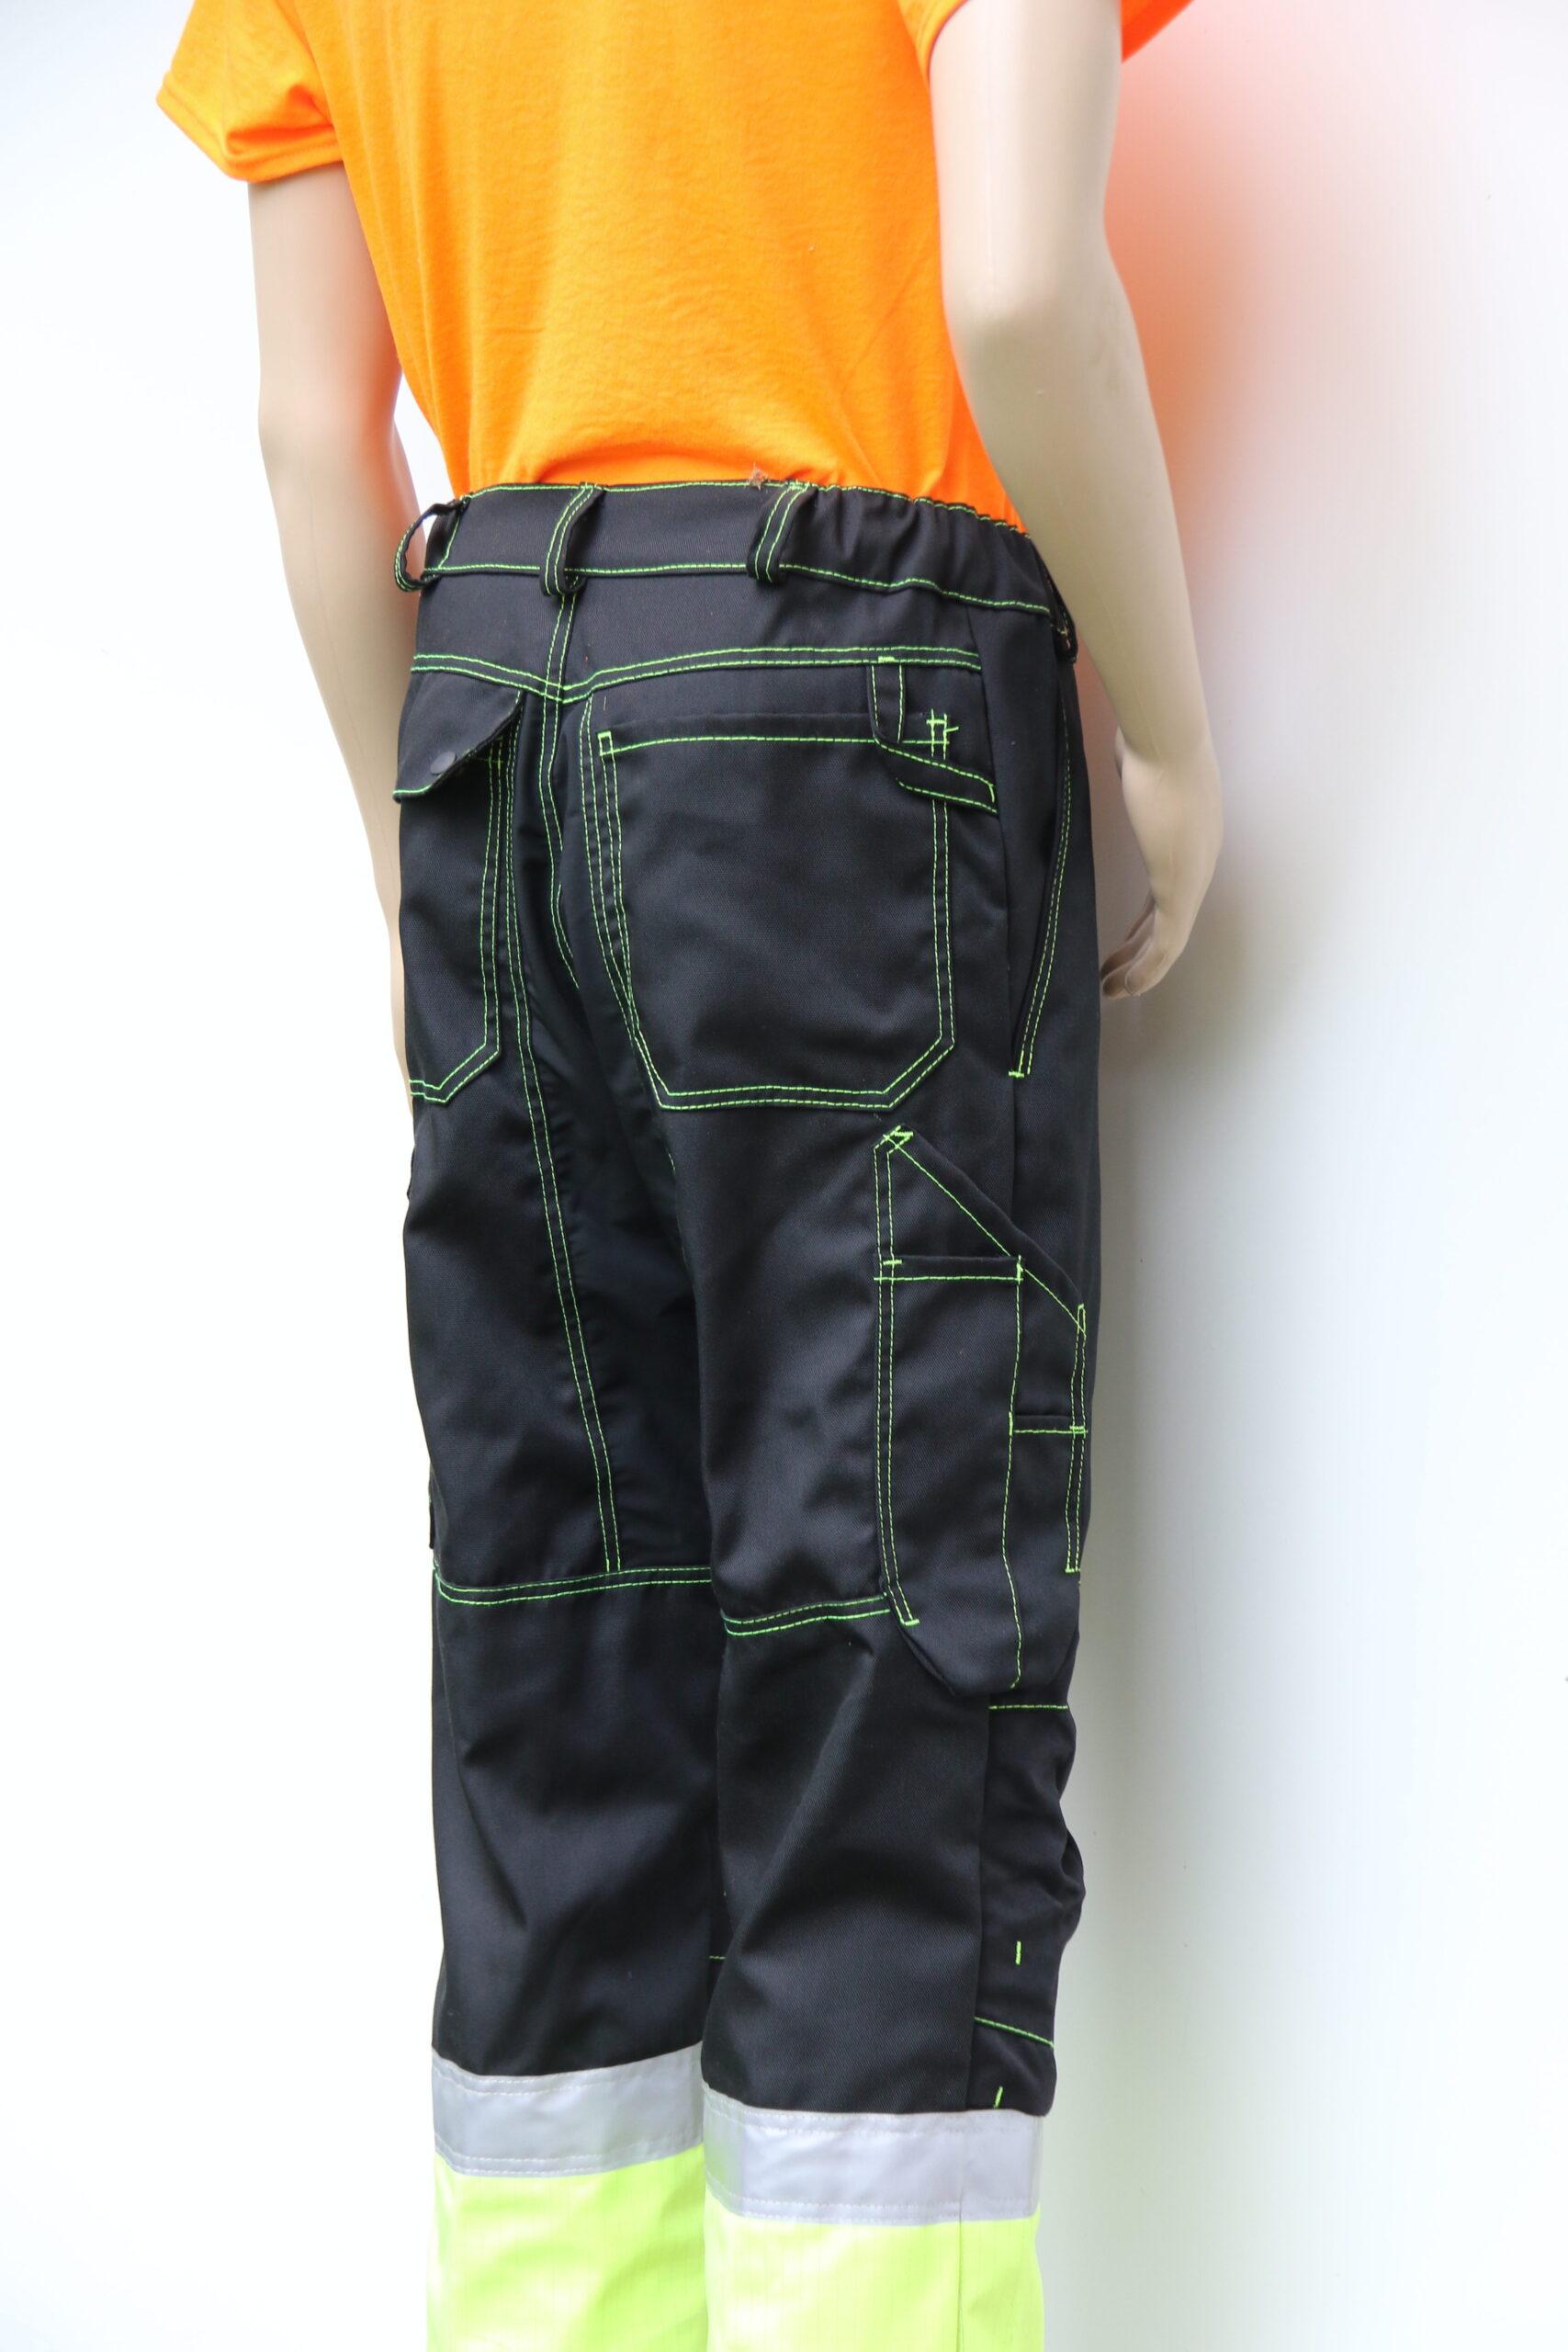 Multinorm sädemekindlad püksid FLAM 13